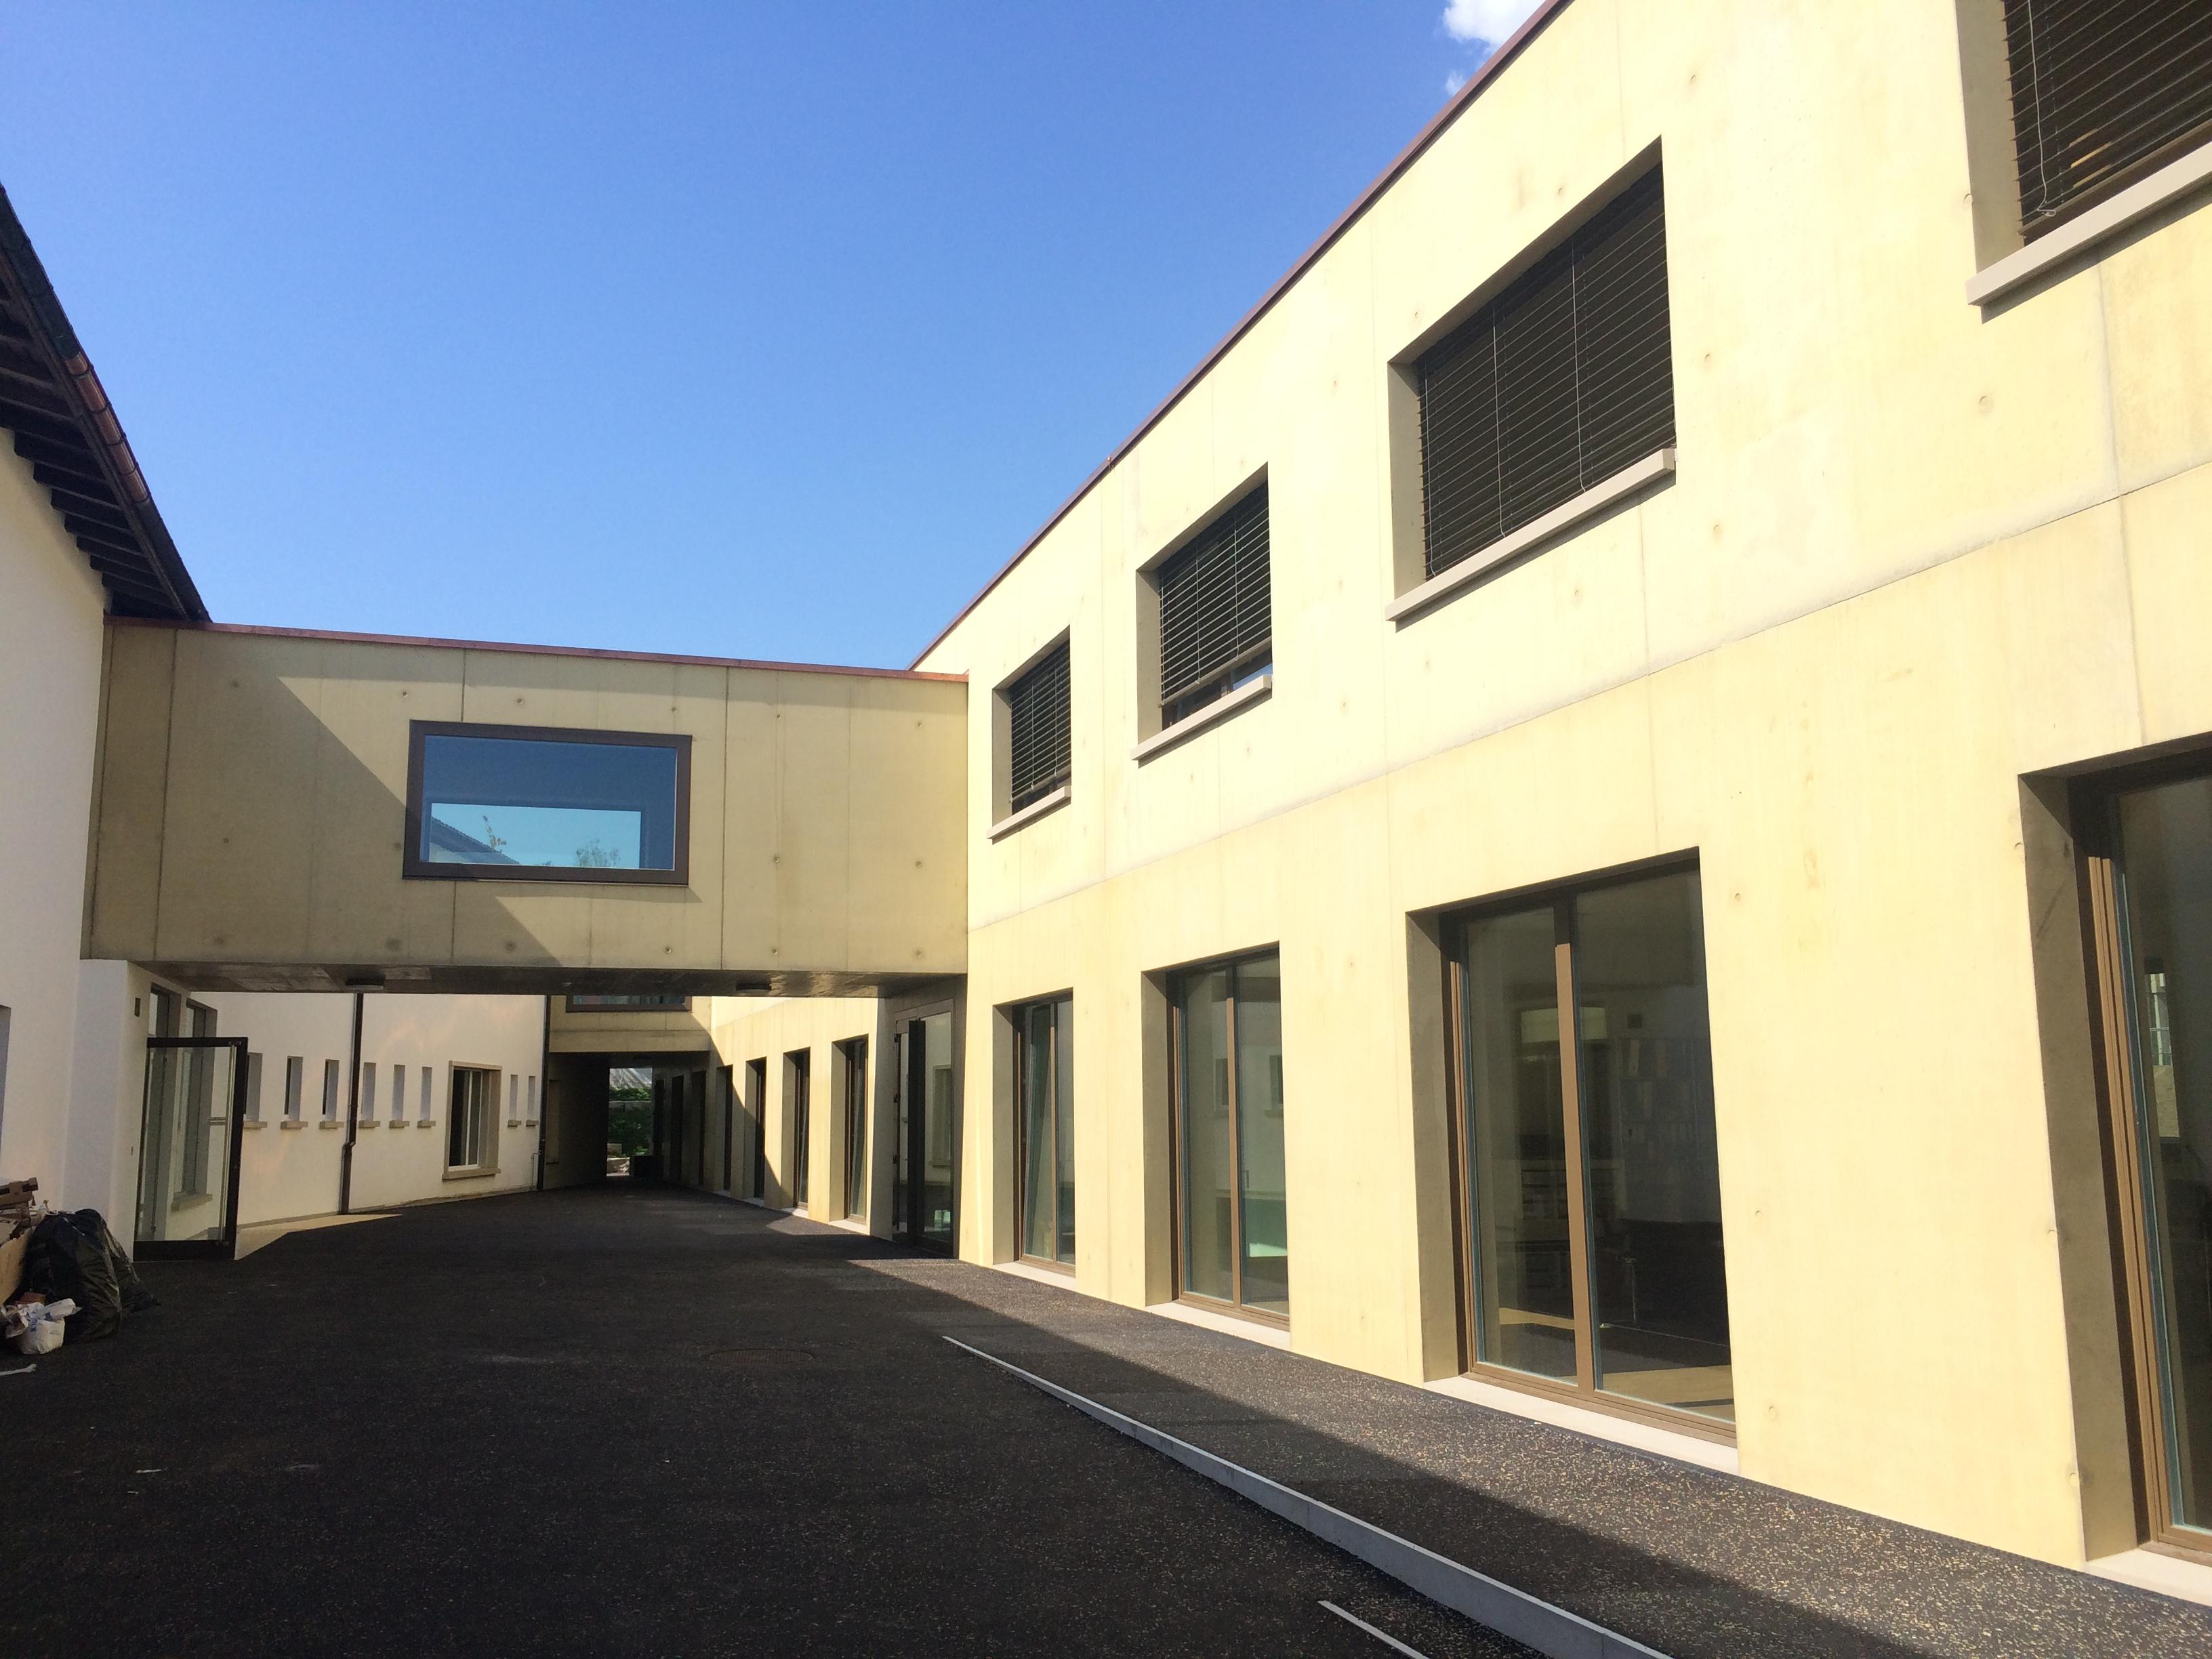 Erweiterung Primarschule Evilard